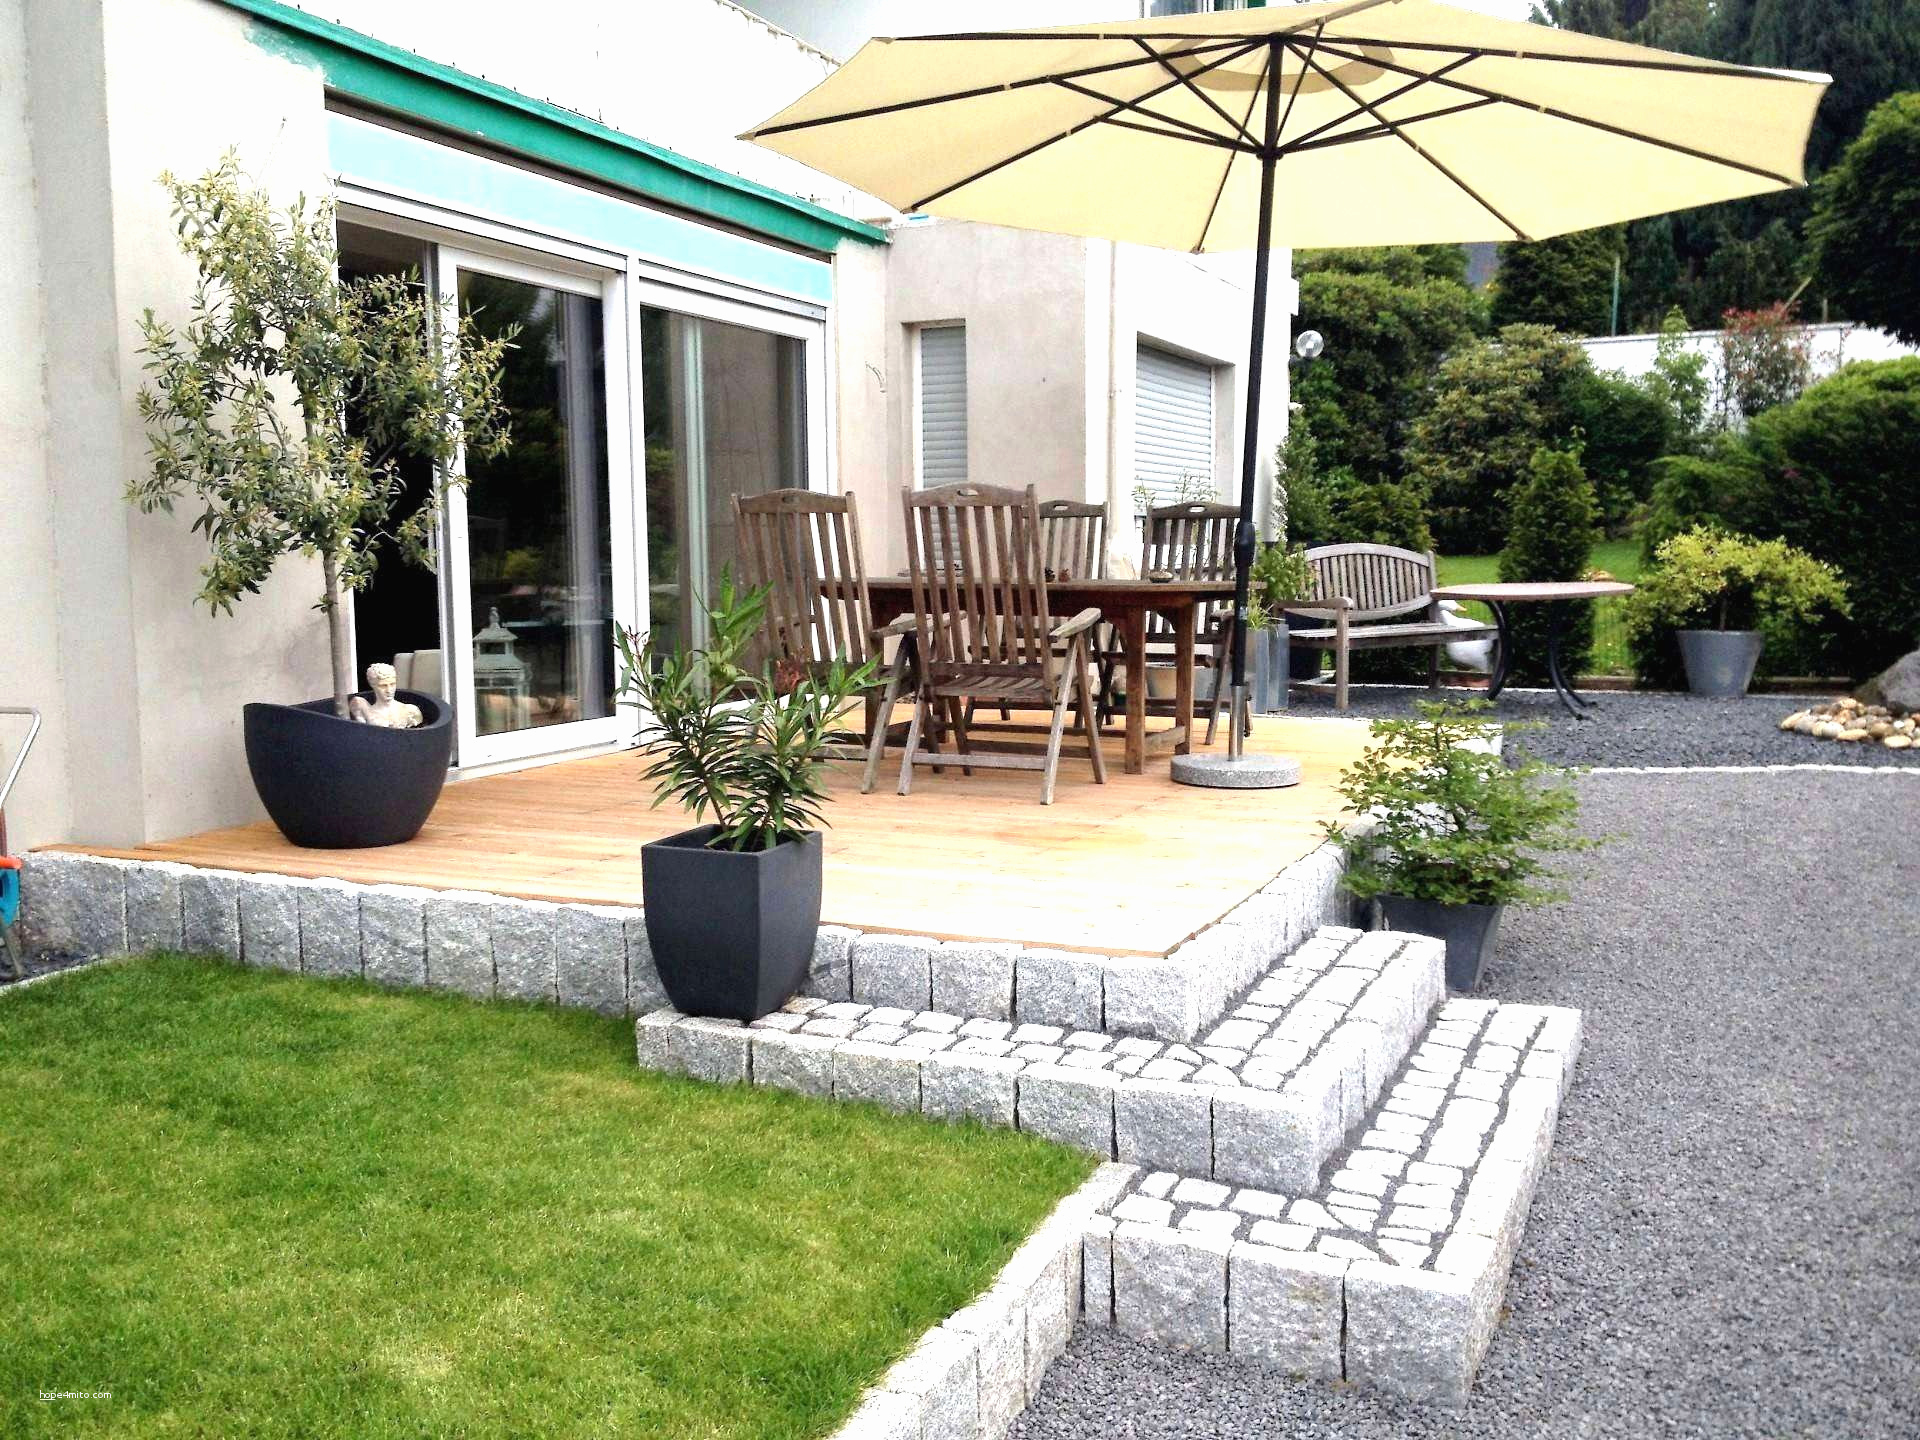 reihenhausgarten modern gestalten mit ideen fur kleine reihenhausgarten luxus kleiner garten ideen 42 und ideen fur kleine reihenhausgarten frisch ideen fur einen kleinen garten garten terrasse ideen